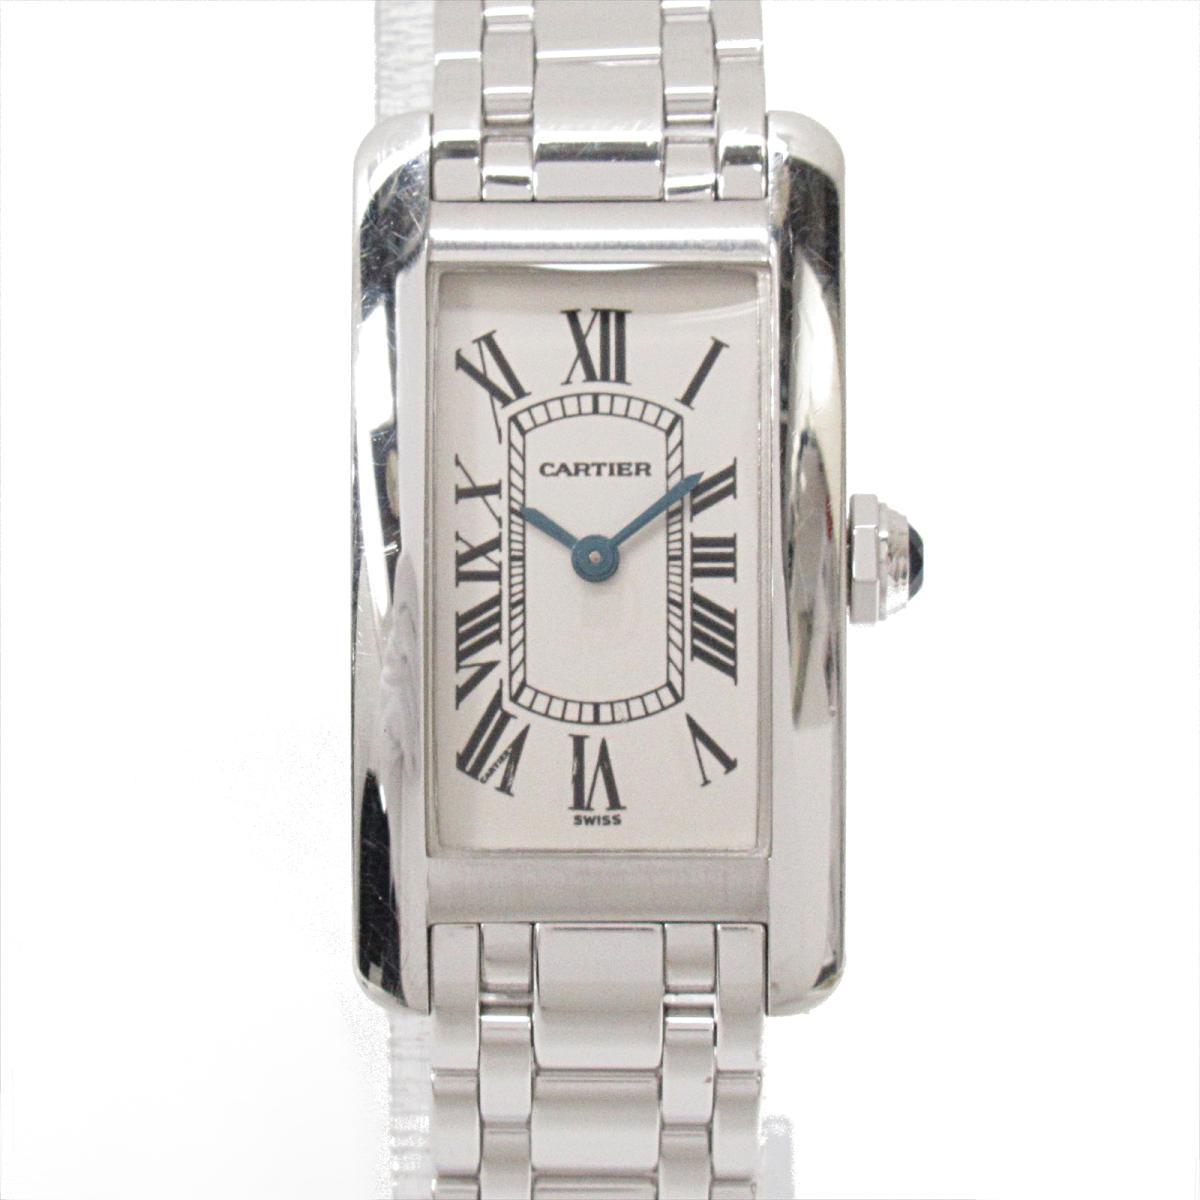 ≪期間限定≫メルマガ登録でクーポンGET! 【中古】 カルティエ タンクアメリカンSM 腕時計 ウォッチ レディース 18K (ホワイトゴールド) (W26019L1) | Cartier BRANDOFF ブランドオフ ブランド ブランド時計 ブランド腕時計 時計